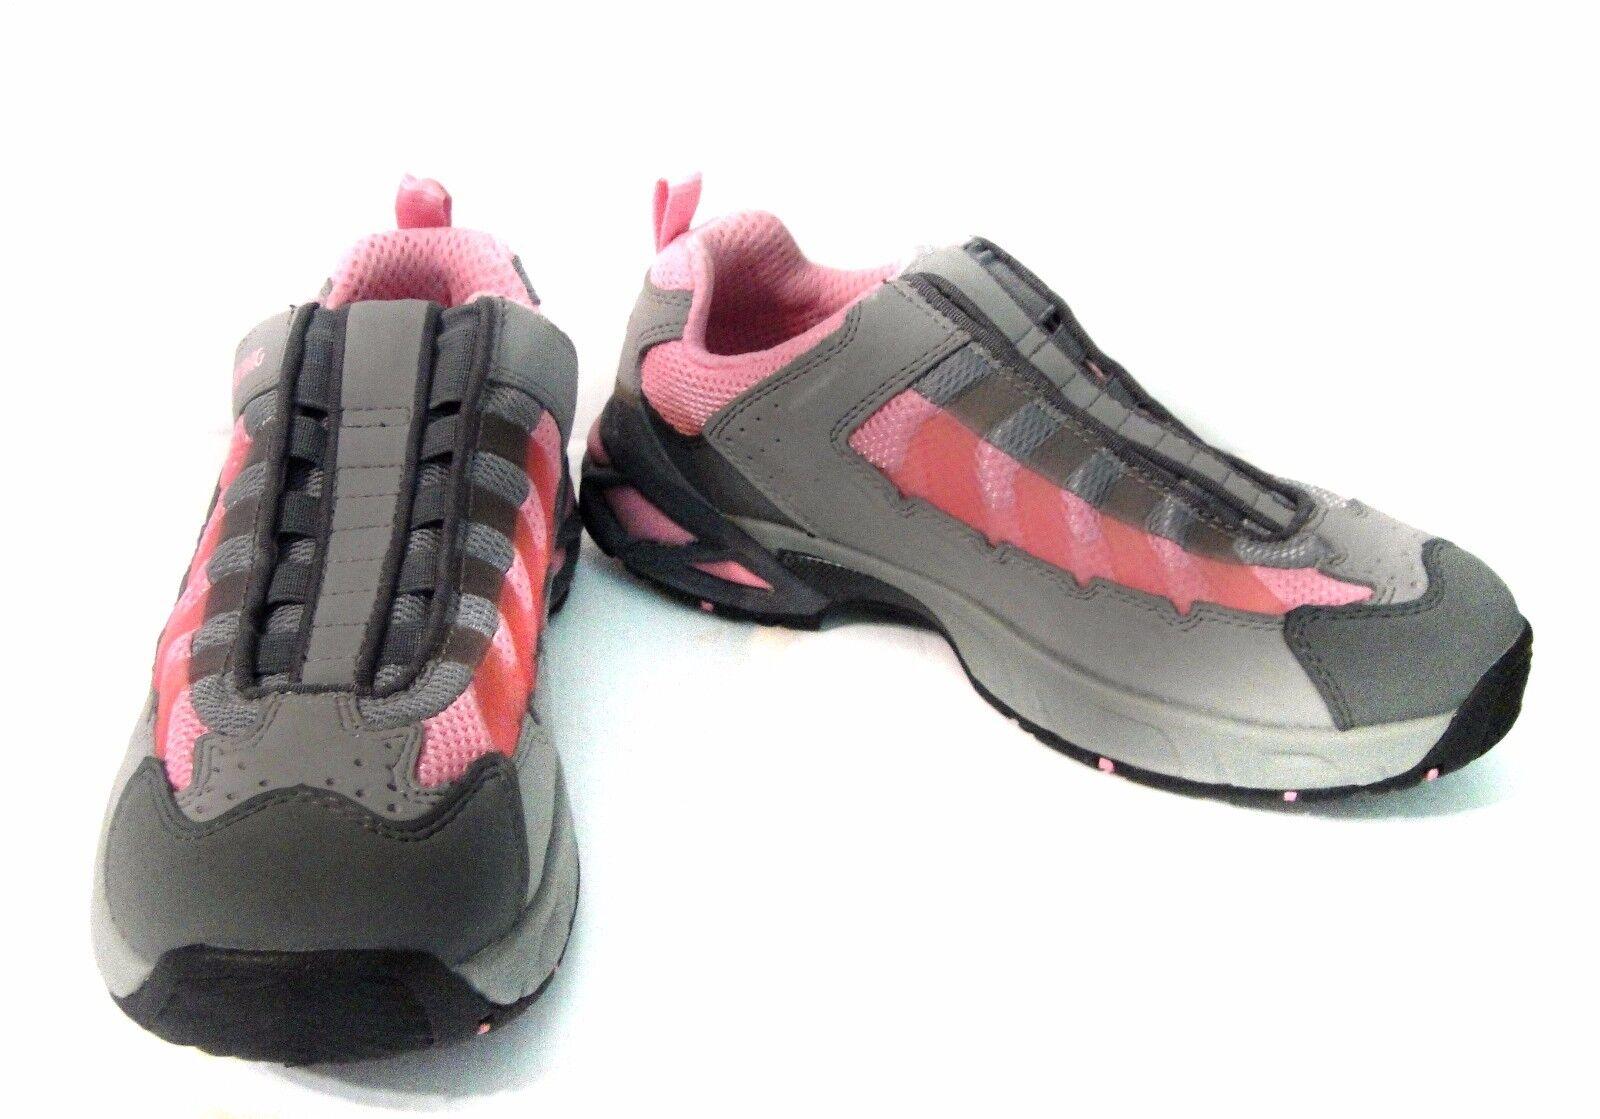 Nuevo ala roja para mujeres Zapatos De Trabajo-Oxford Trabajo-Oxford Trabajo-Oxford 8955 para mujer Talla 6  130  ganancia cero